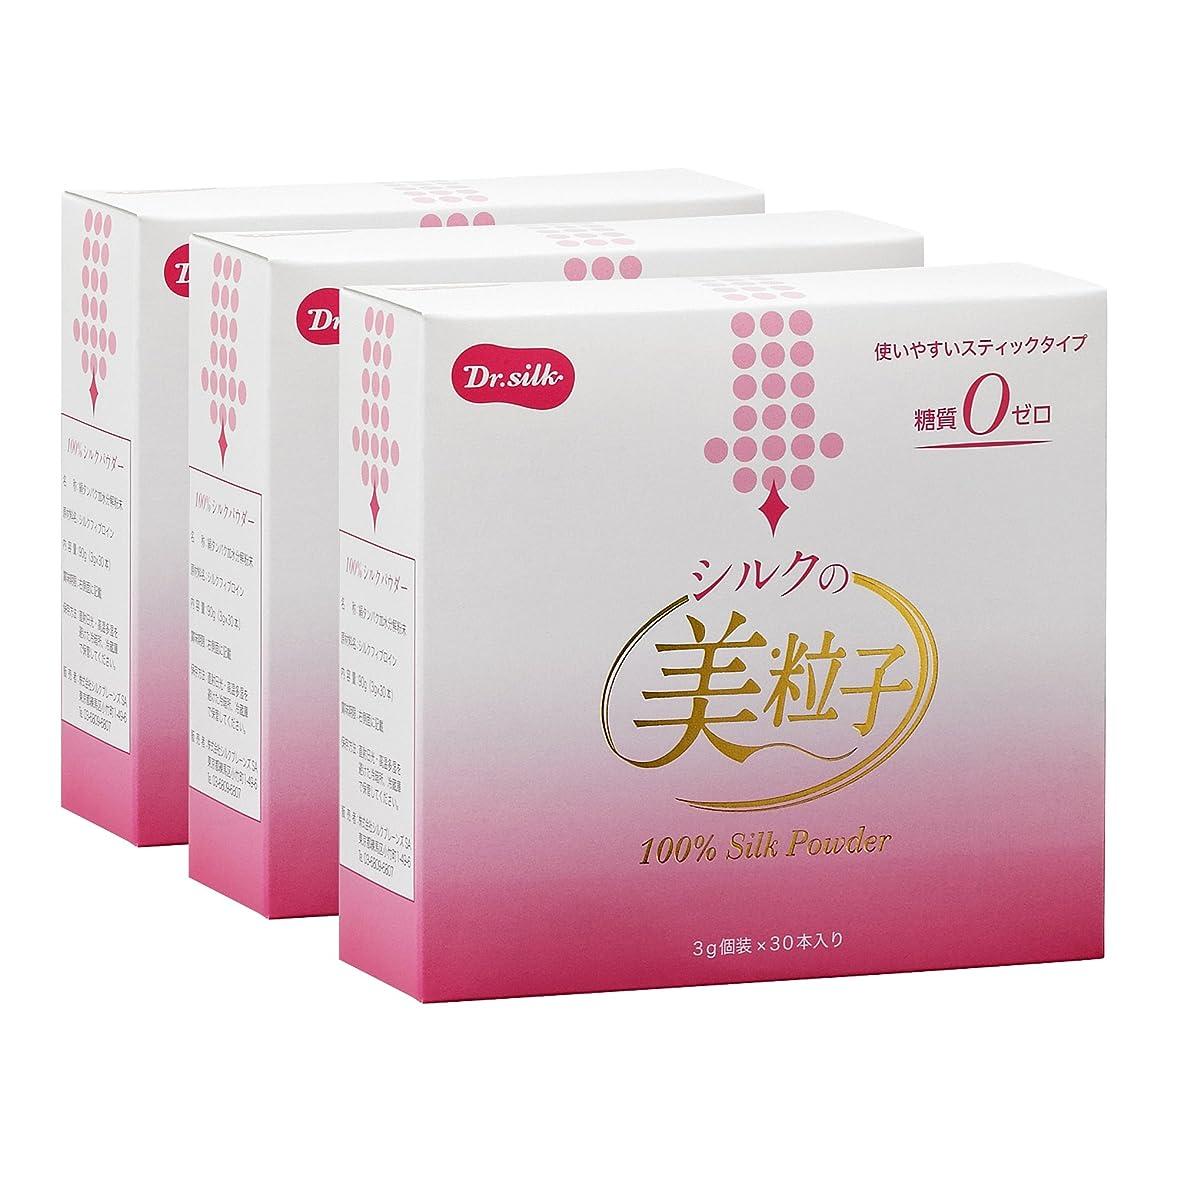 バンジージャンプアクロバットラフレシアアルノルディ3箱セット「シルクの美粒子」100%シルク微粉末